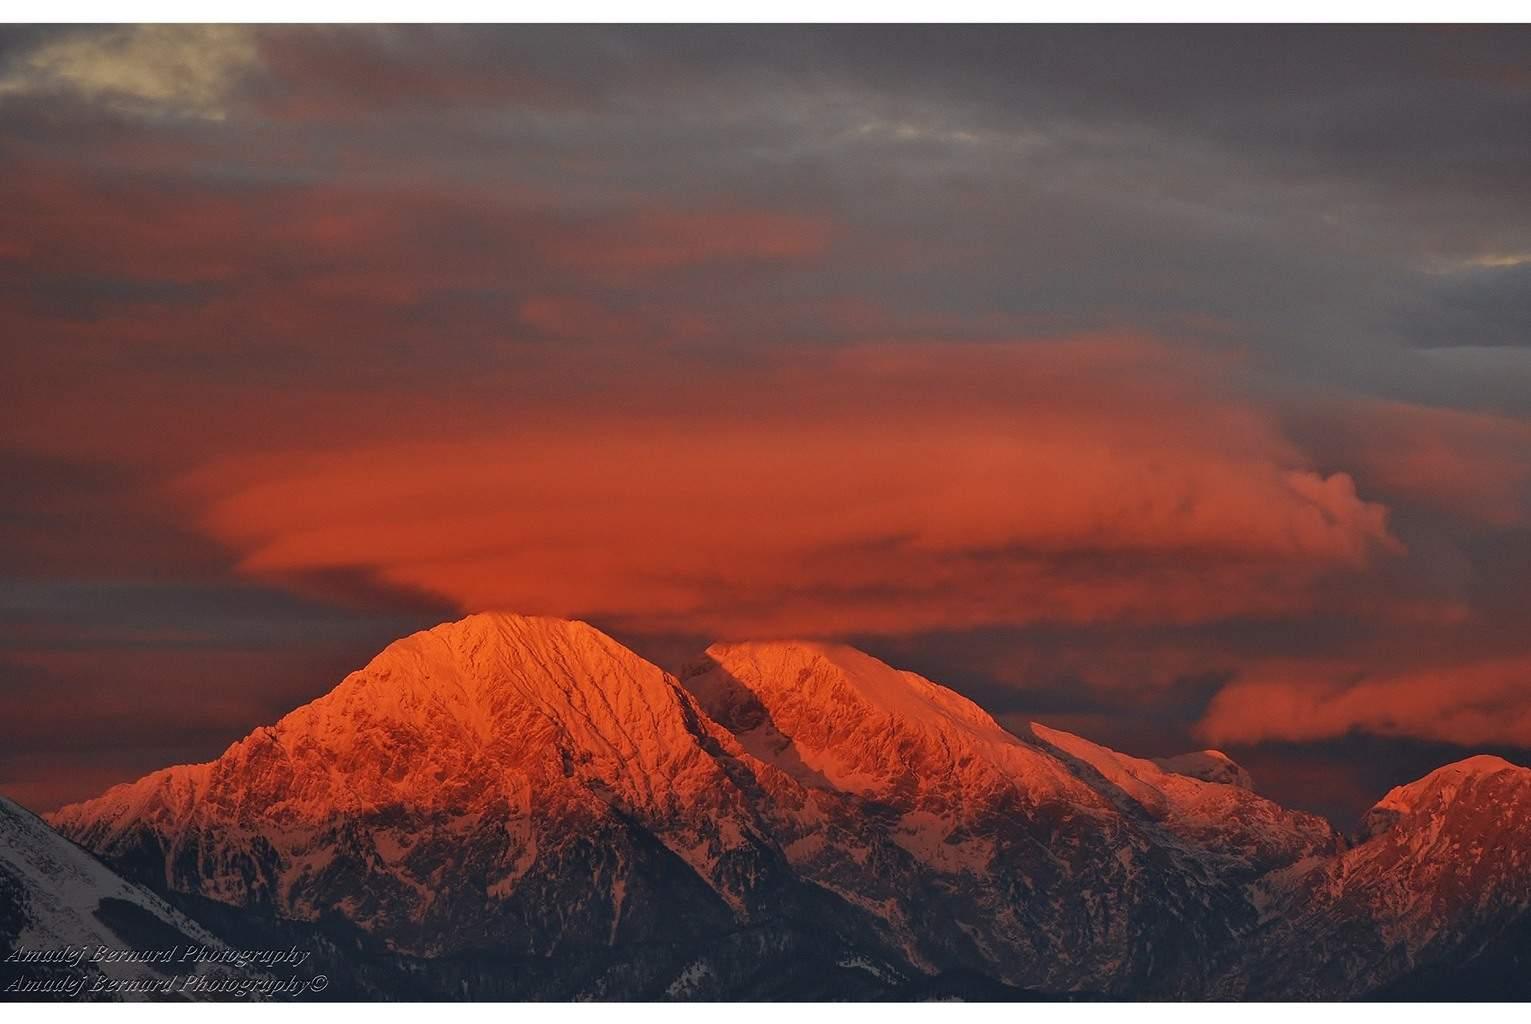 Yesterday's sunset, from Golica, Slovenia